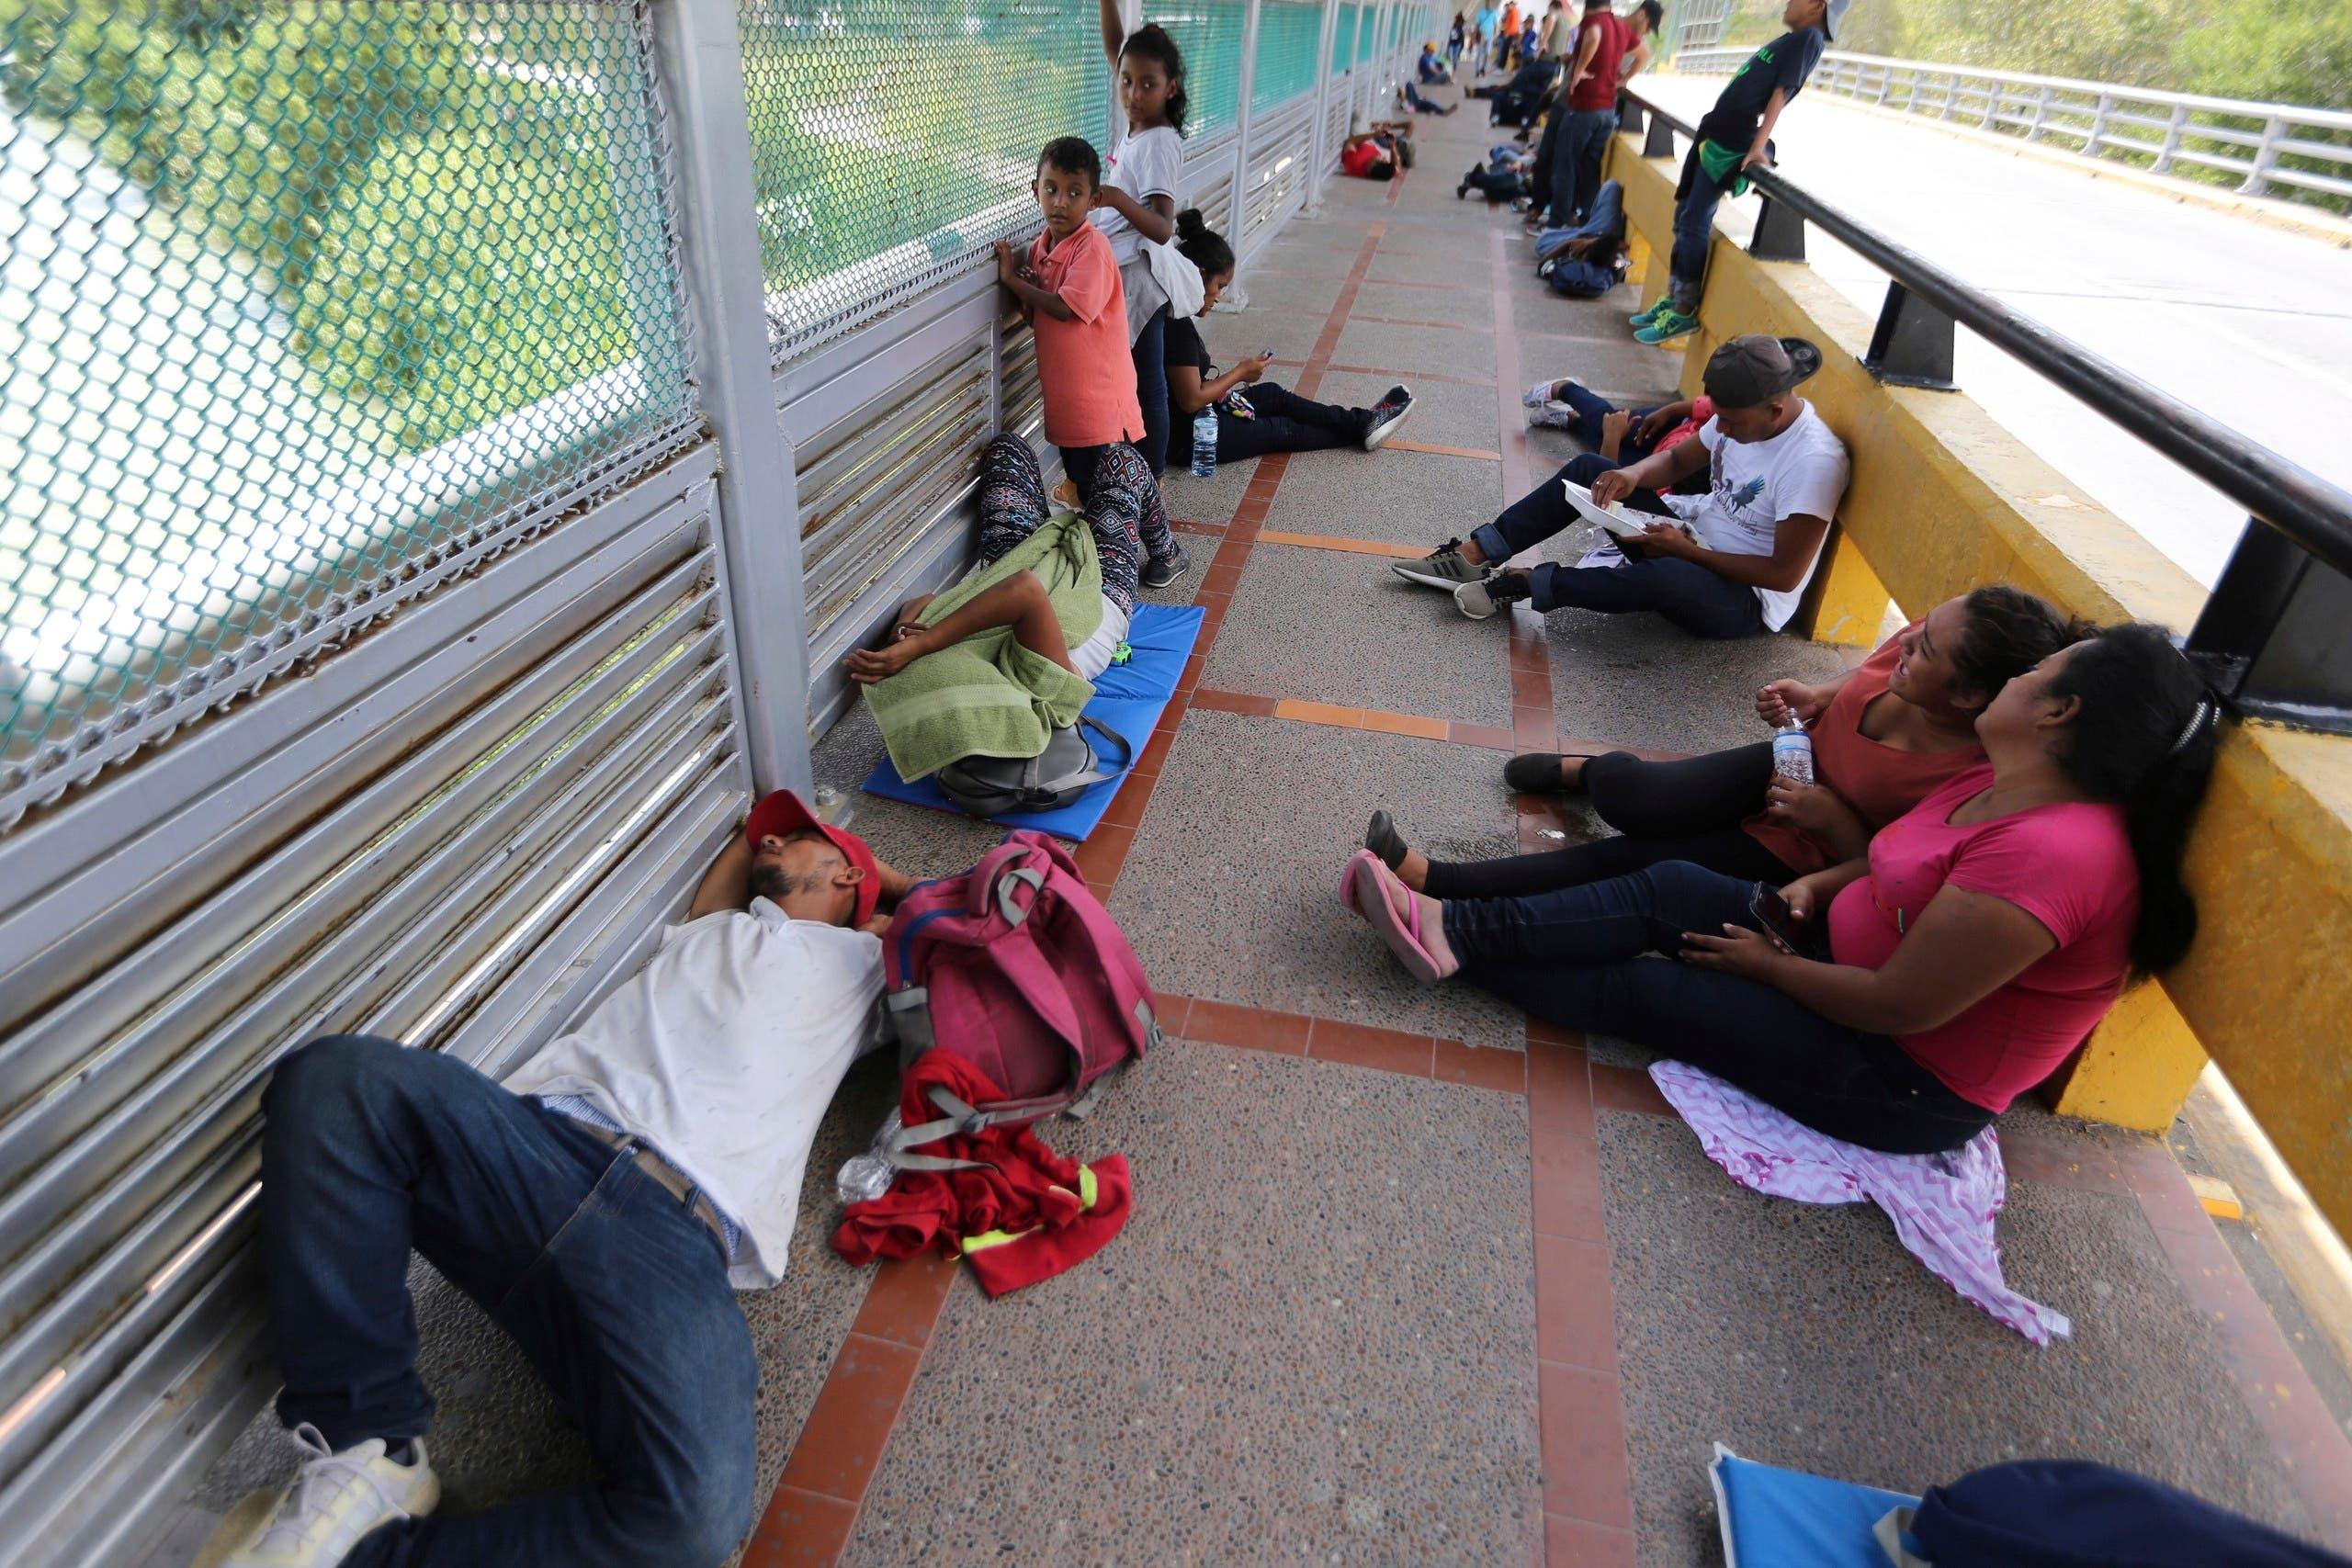 المهاجرون الذين افترشوا الجسر احتجاجاً على عدم قبول طلباتهم في الولايات المتحدة